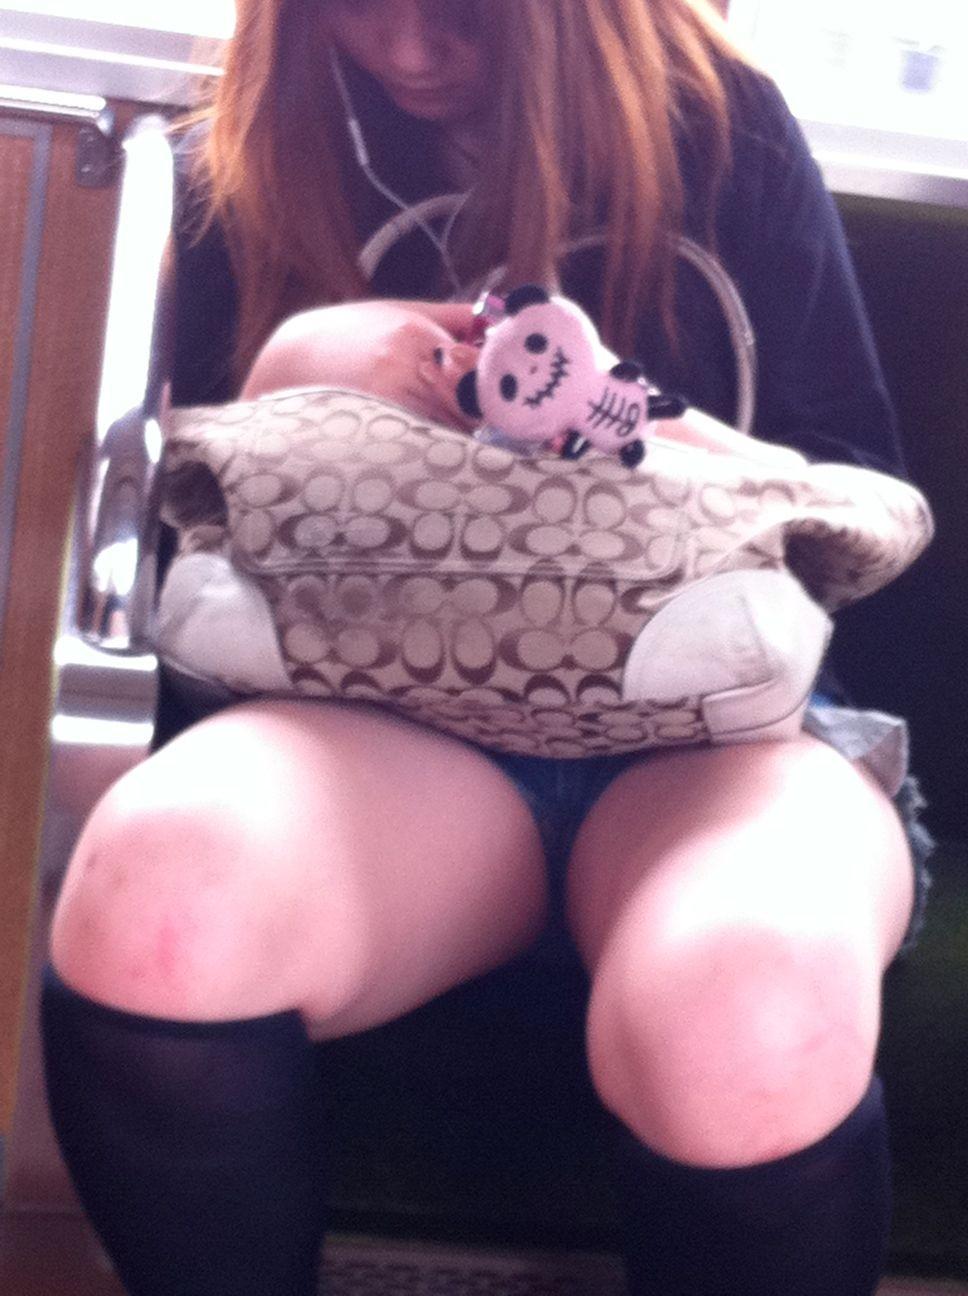 【美脚エロ画像】下着見えなくても十分な脚線美!電車内の絶品美脚を無差別撮りwww 01